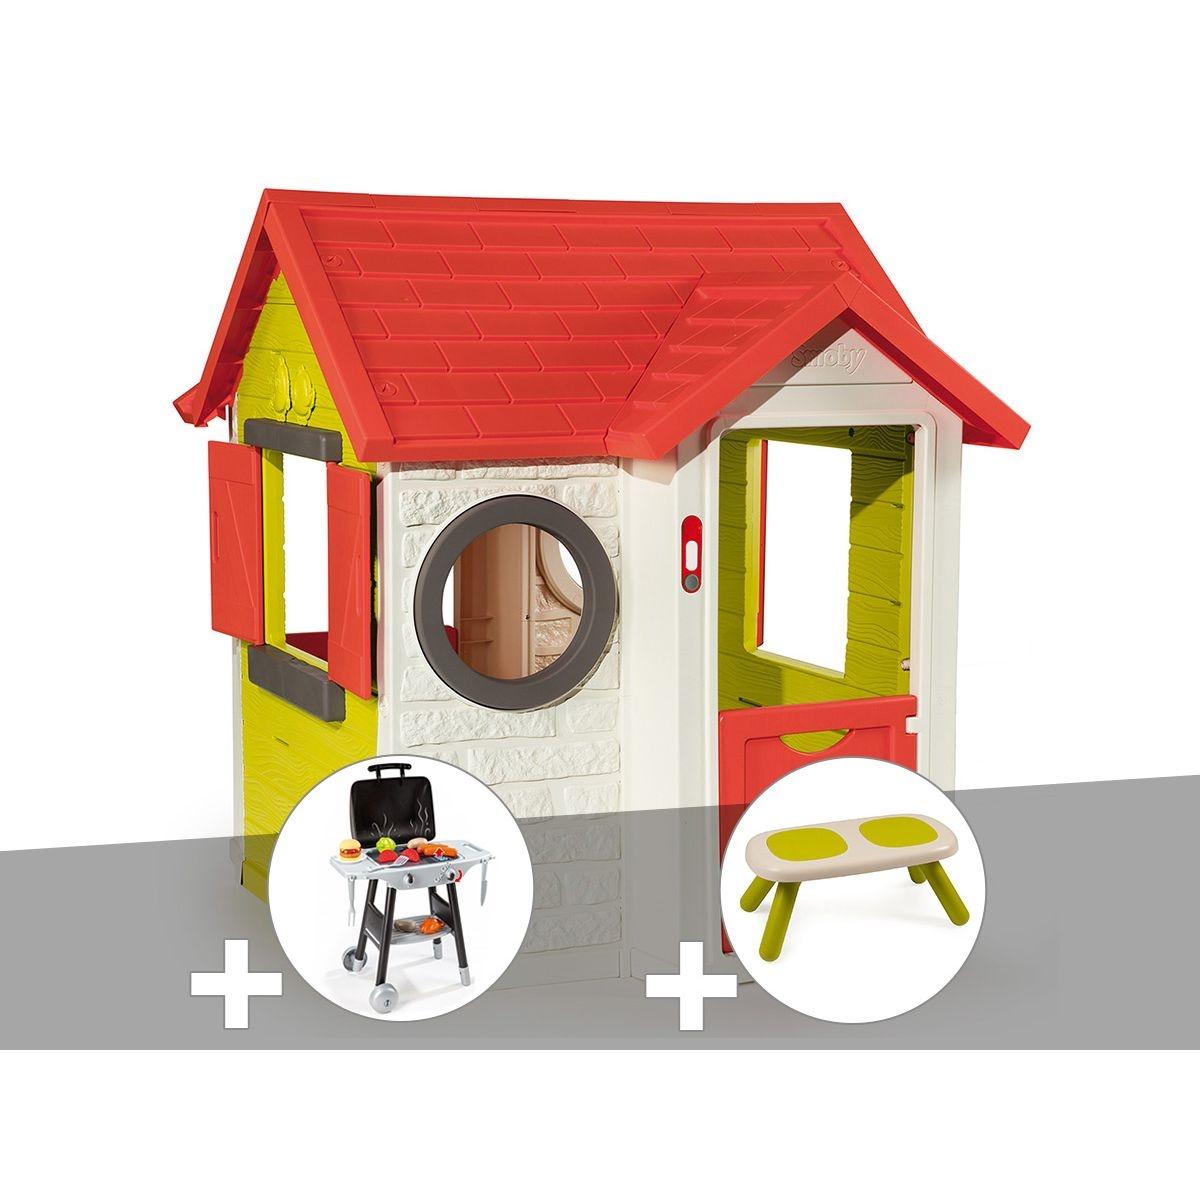 Cabane enfant My House - Smoby + Plancha + Banc